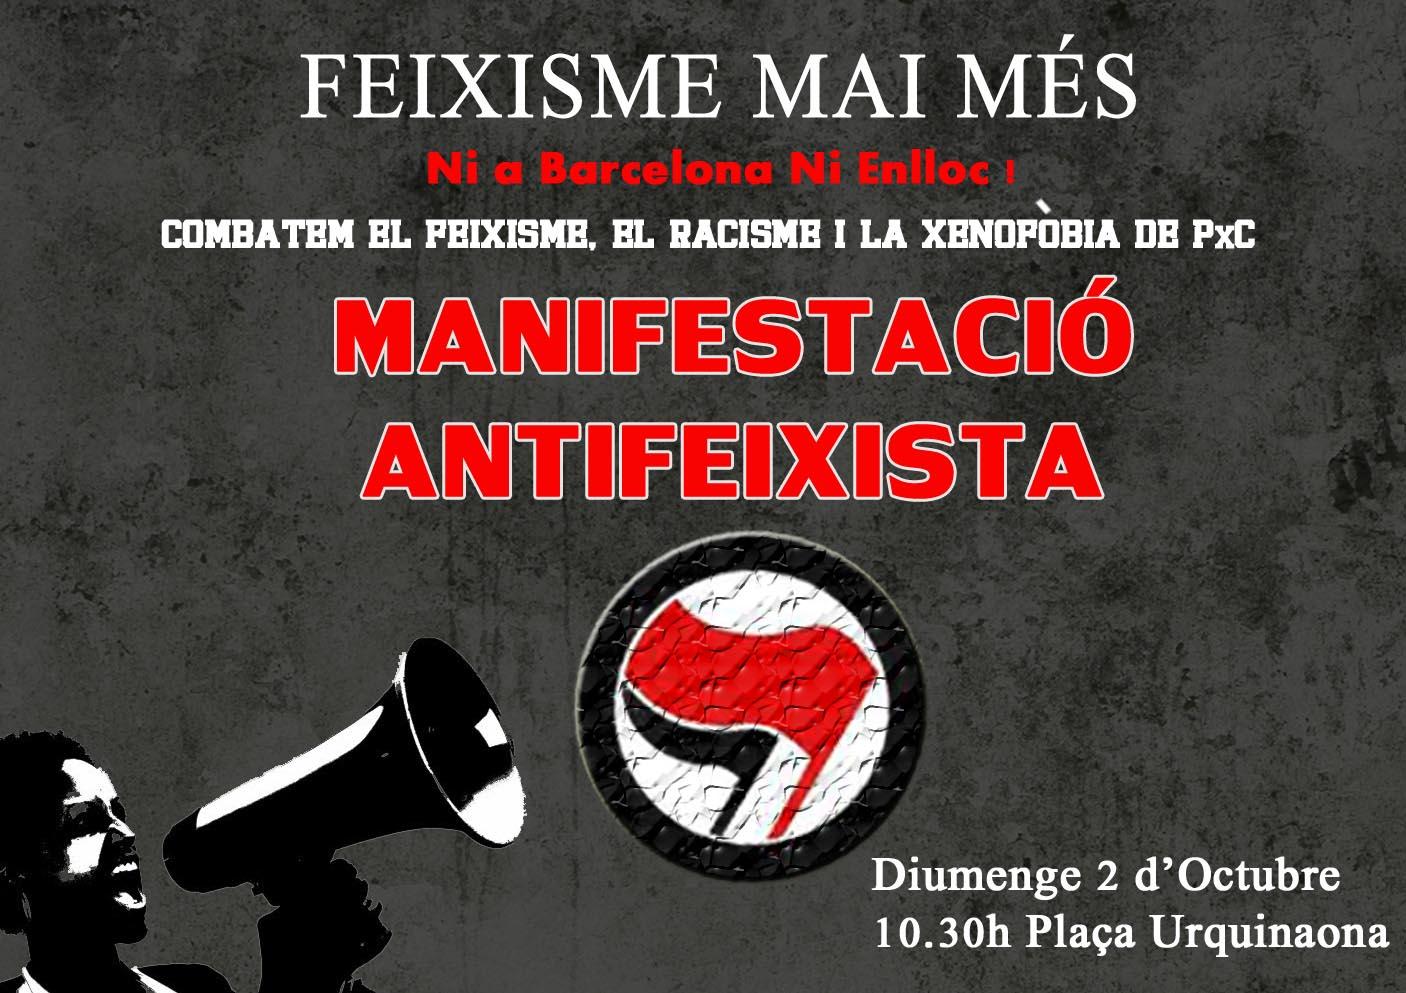 Manifestació Antifeixista aquest diumenge 2-Oct ( Aturem PxC )